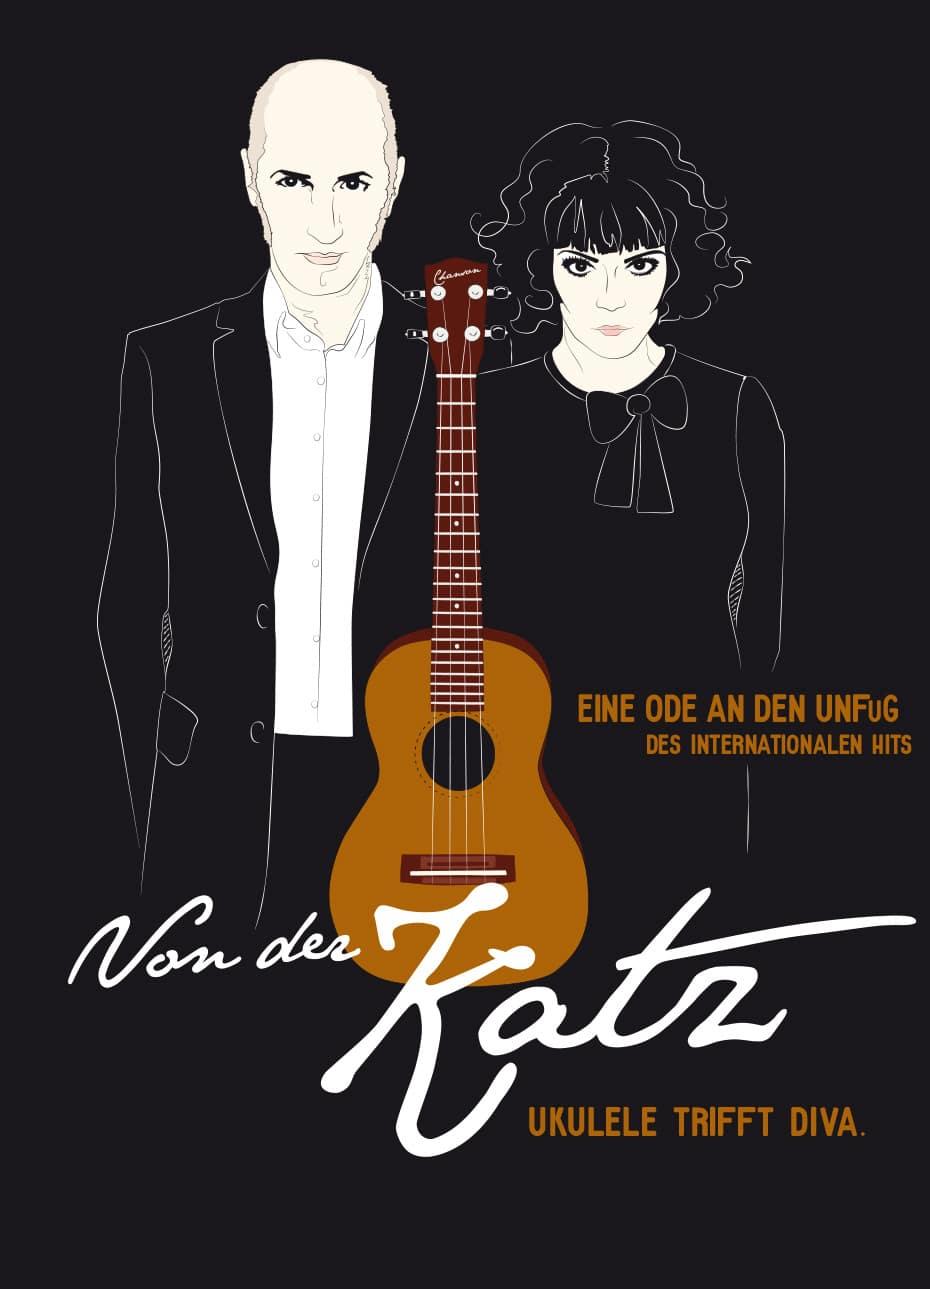 Das Duo Von der Katz, Chansons aus Berlin